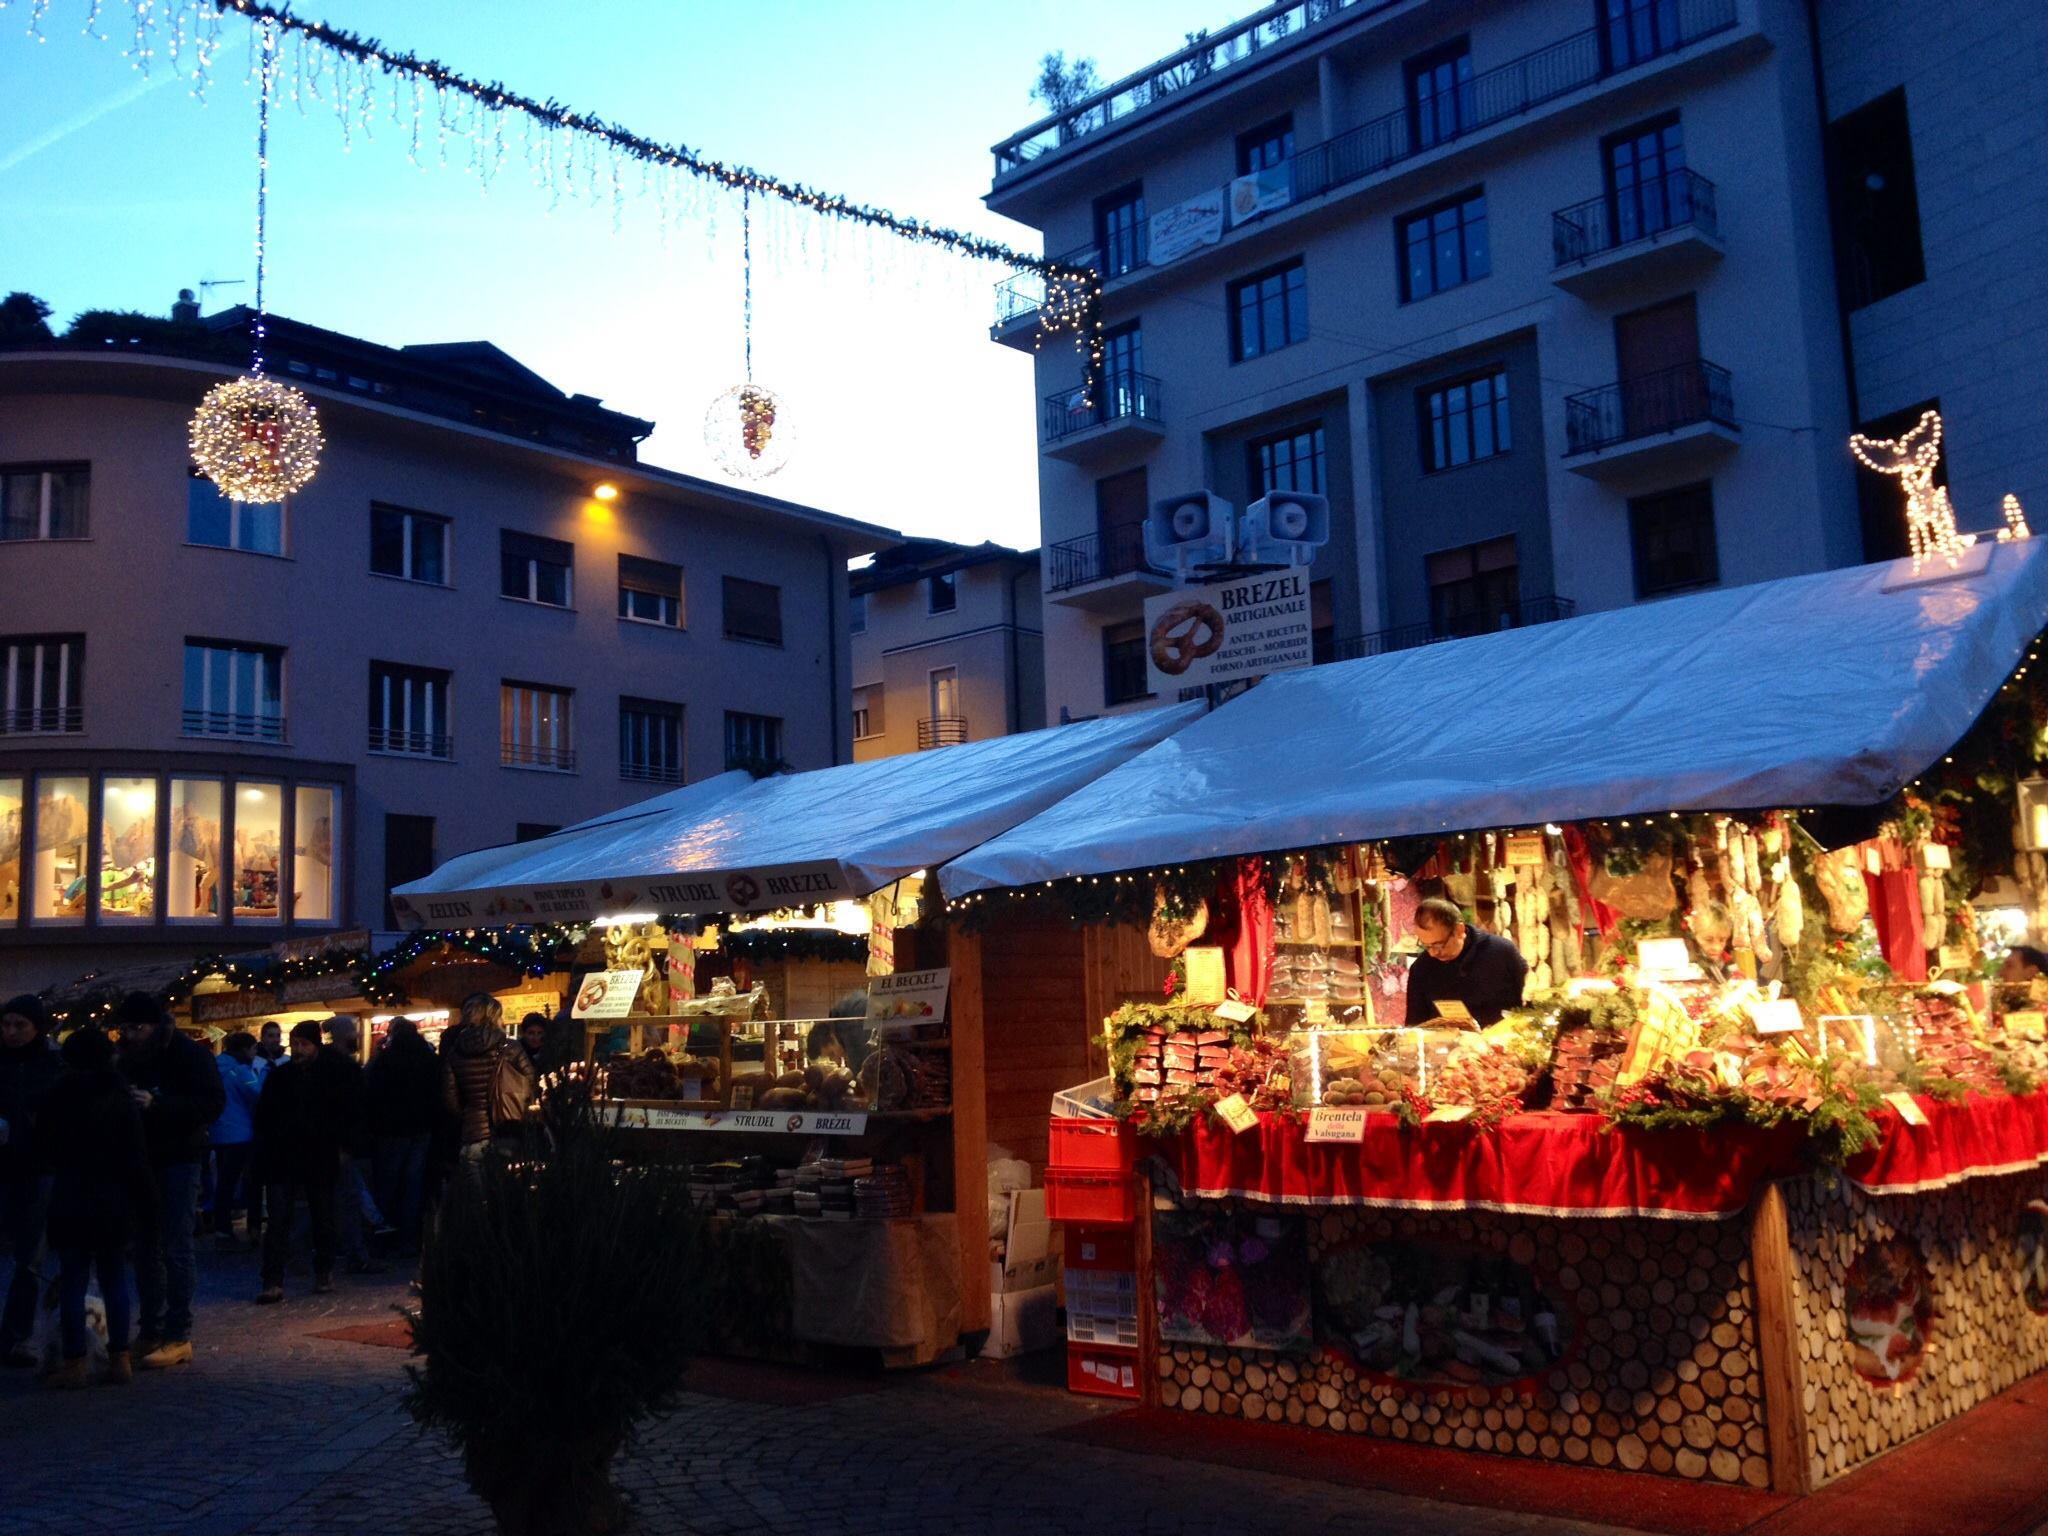 Mercatini di Natale a Trento Foto di Alessia Sartori ©